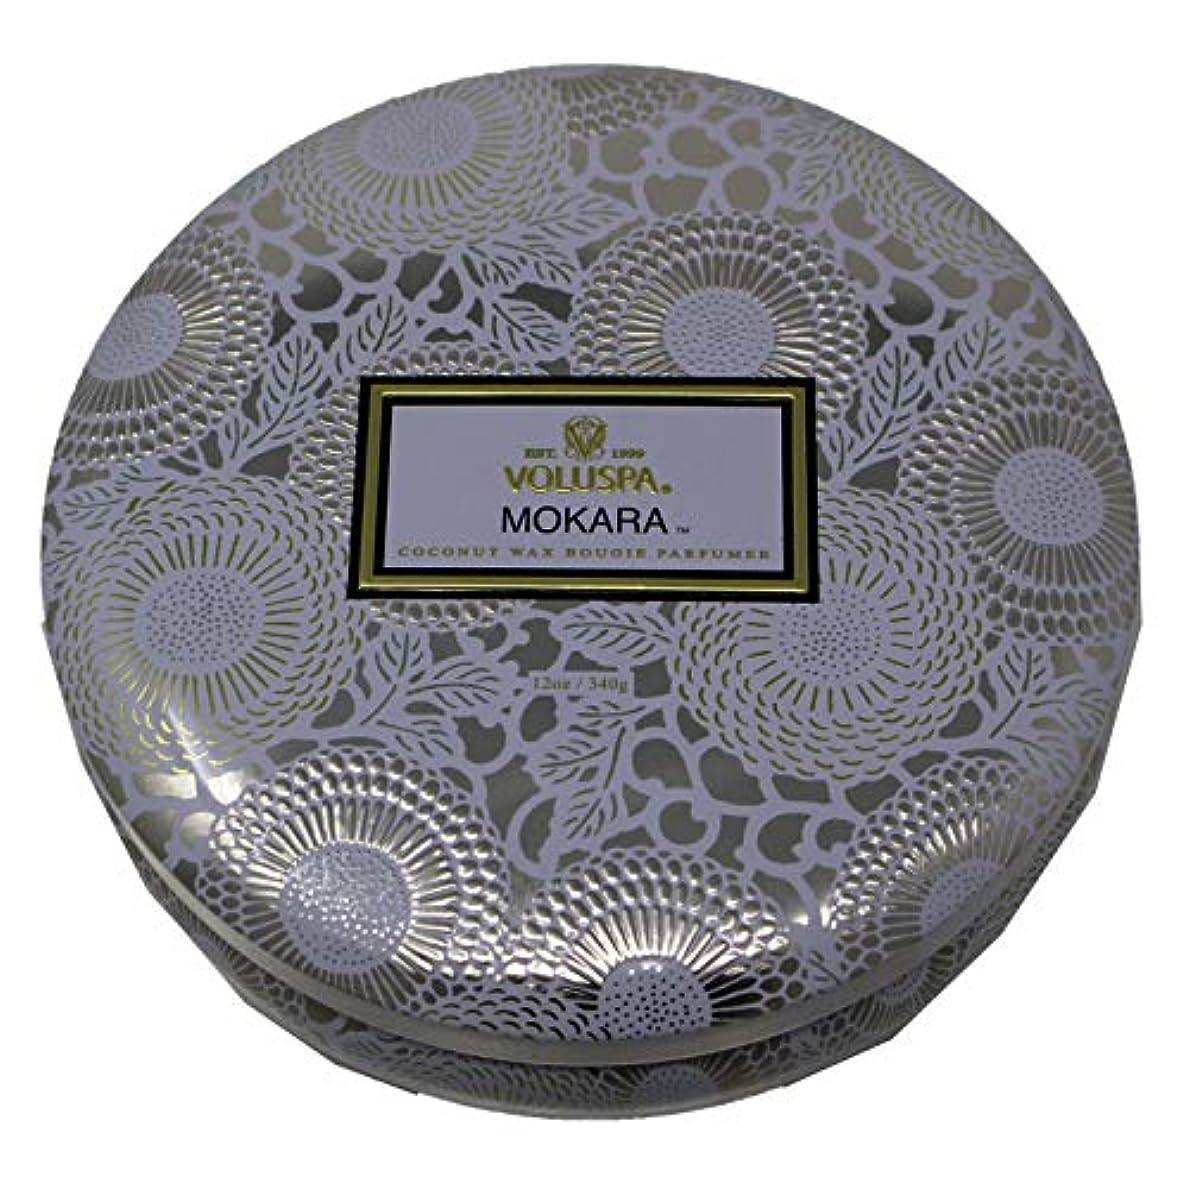 古い繁殖あからさまVoluspa ボルスパ ジャポニカ 3-Wick ティンキャンドル L モカラ JAPONICA Wick Tin Candle MOKARA